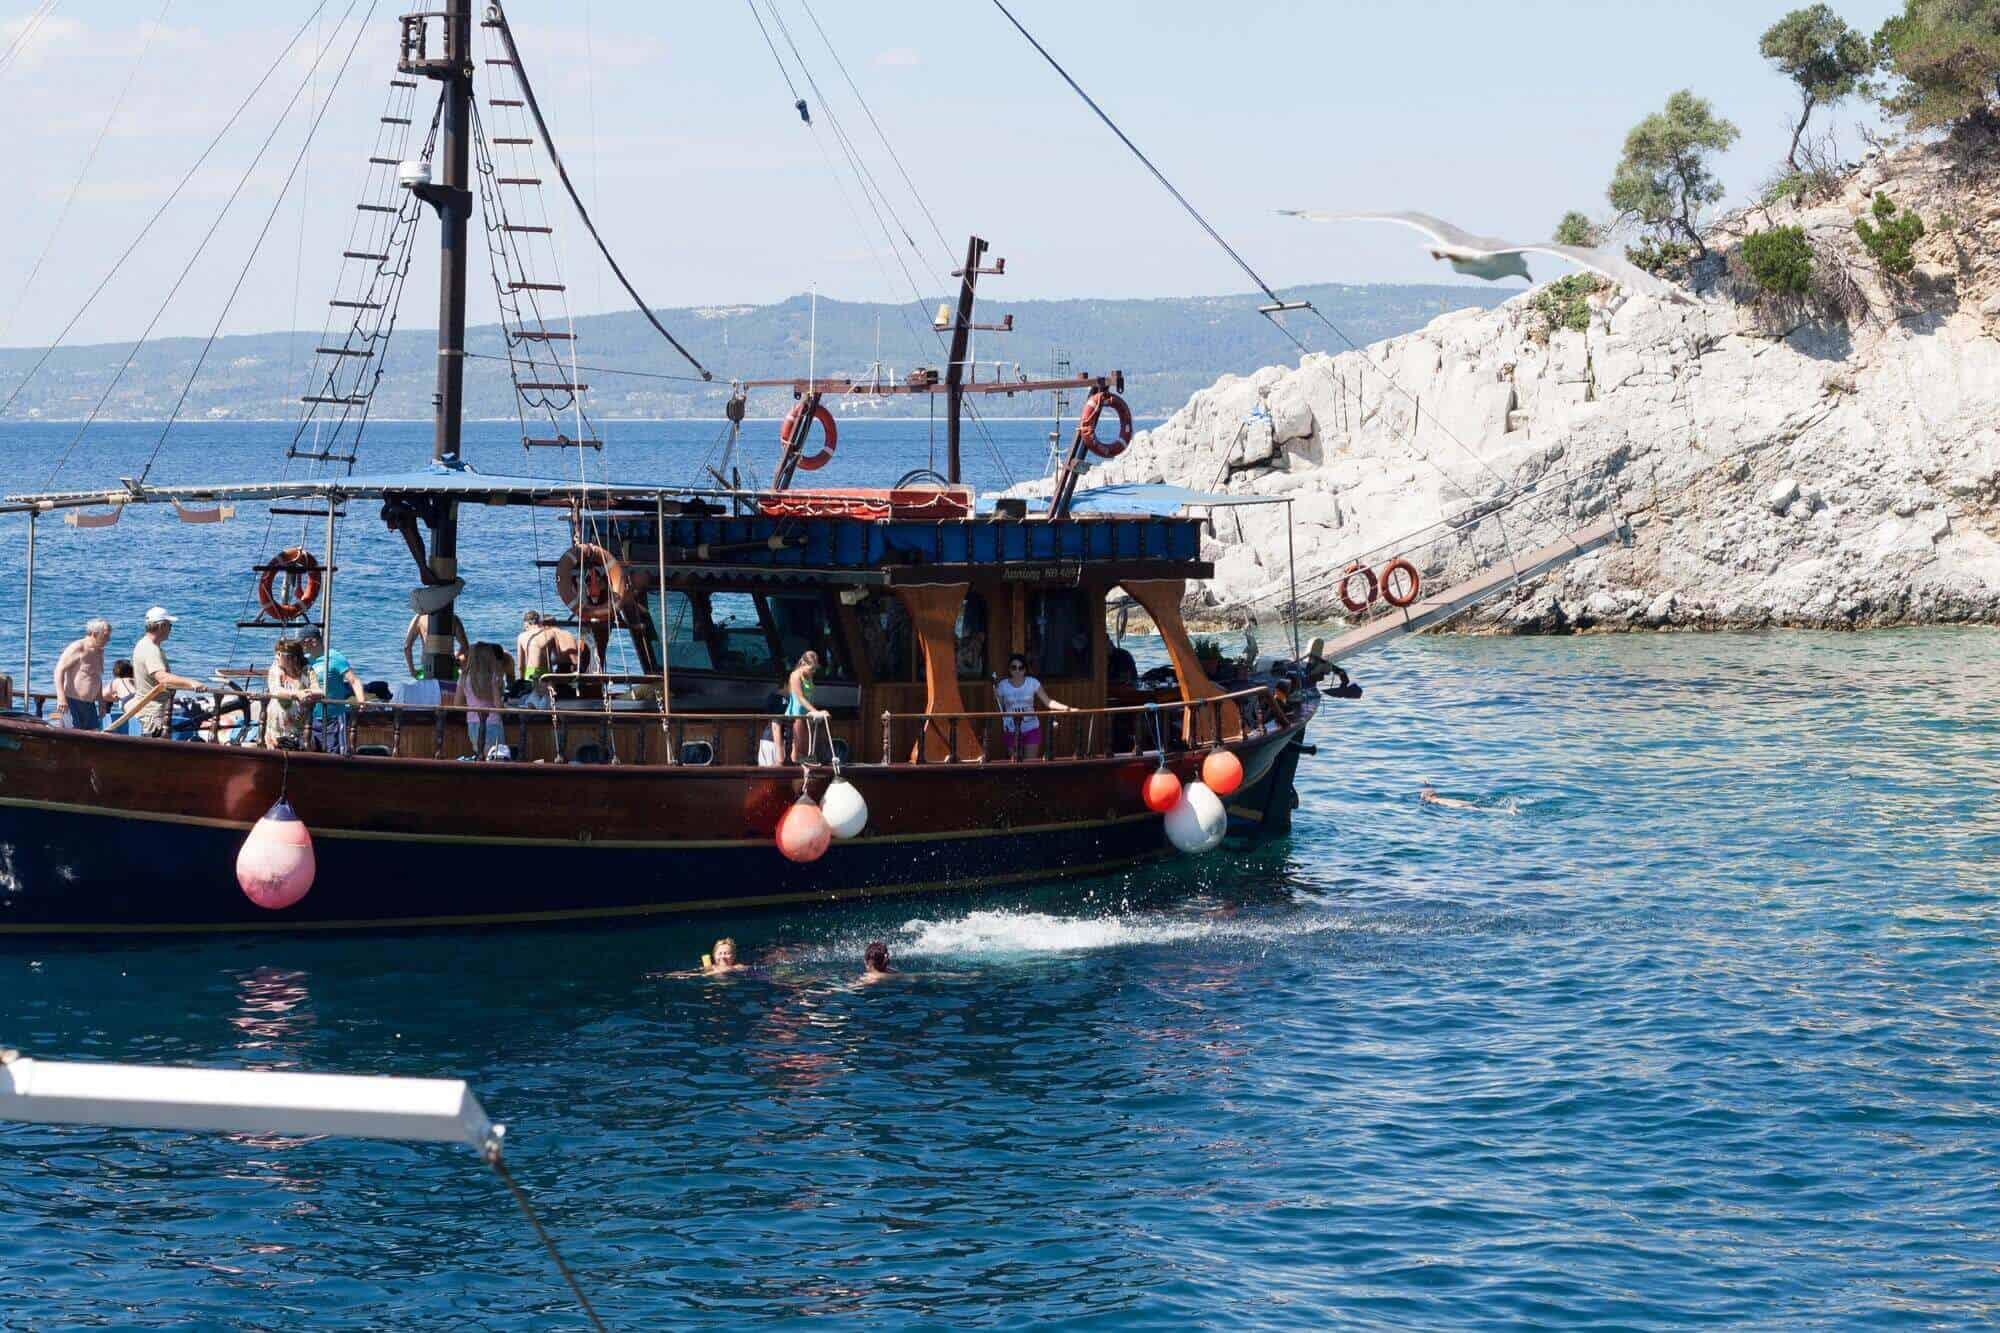 Ein anderes Boot ist auch zum Schwimmen rausgefahren